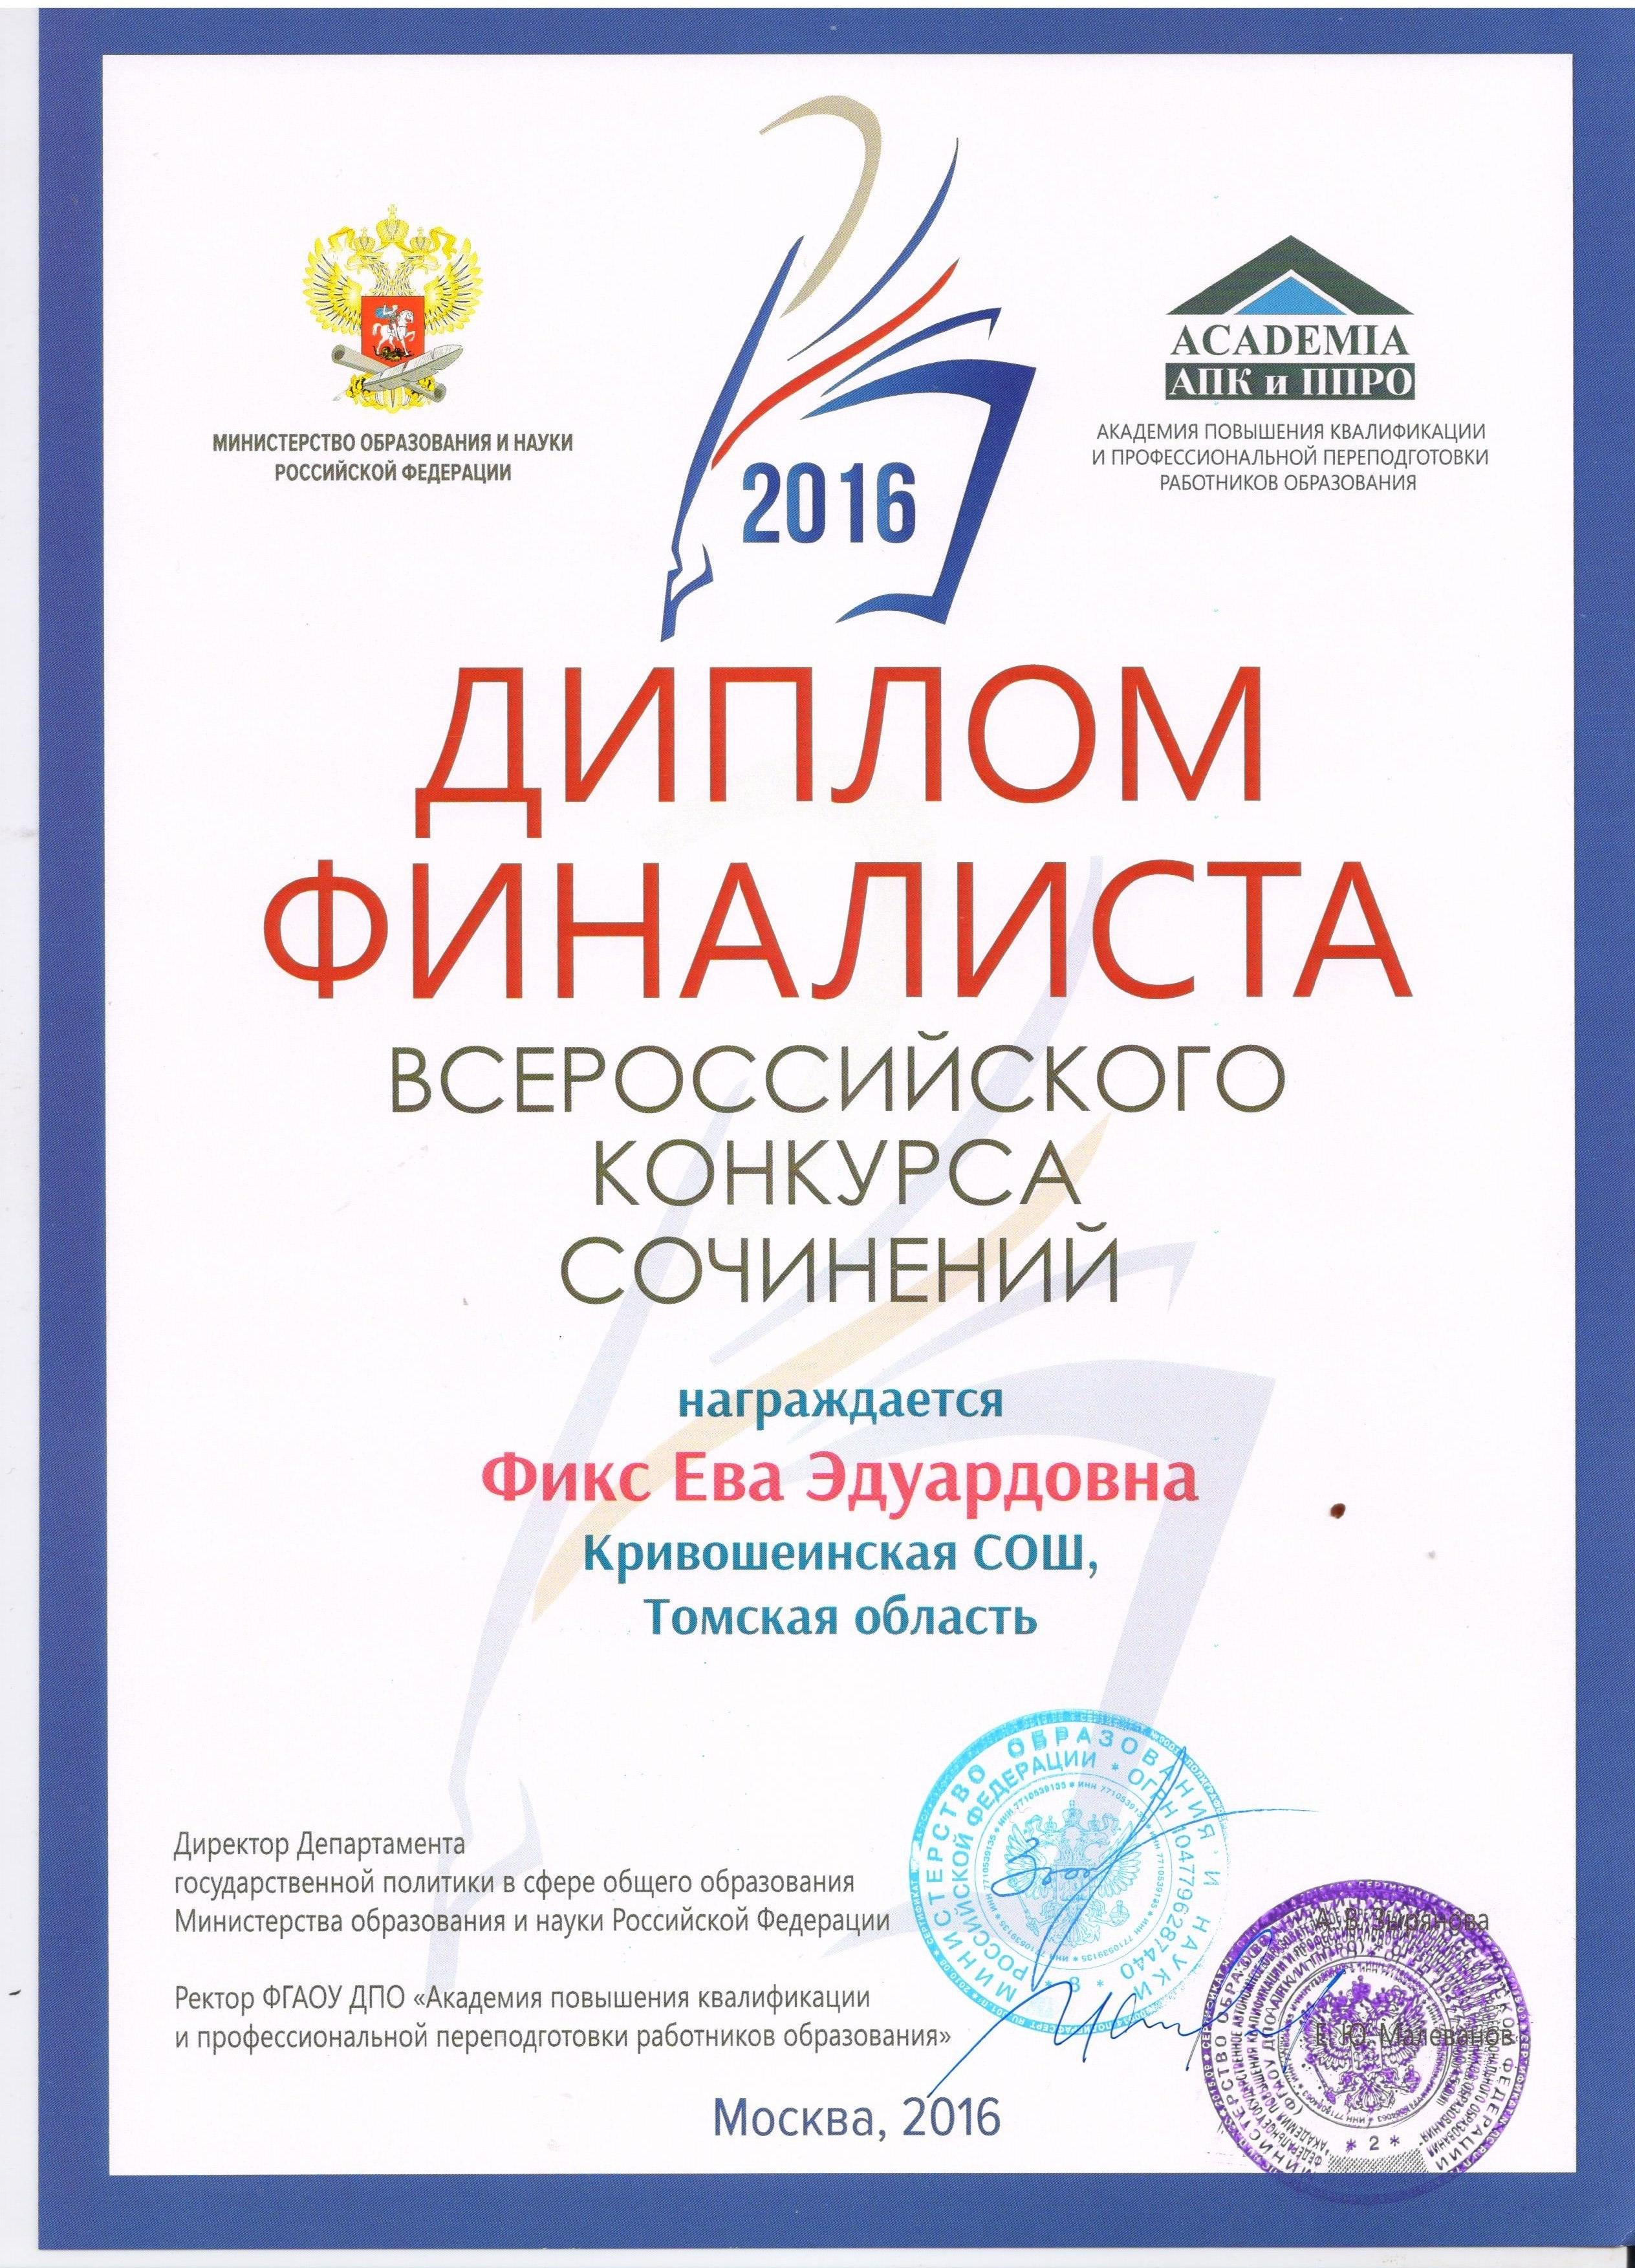 Итоги конкурса всероссийский конкурс сочинений